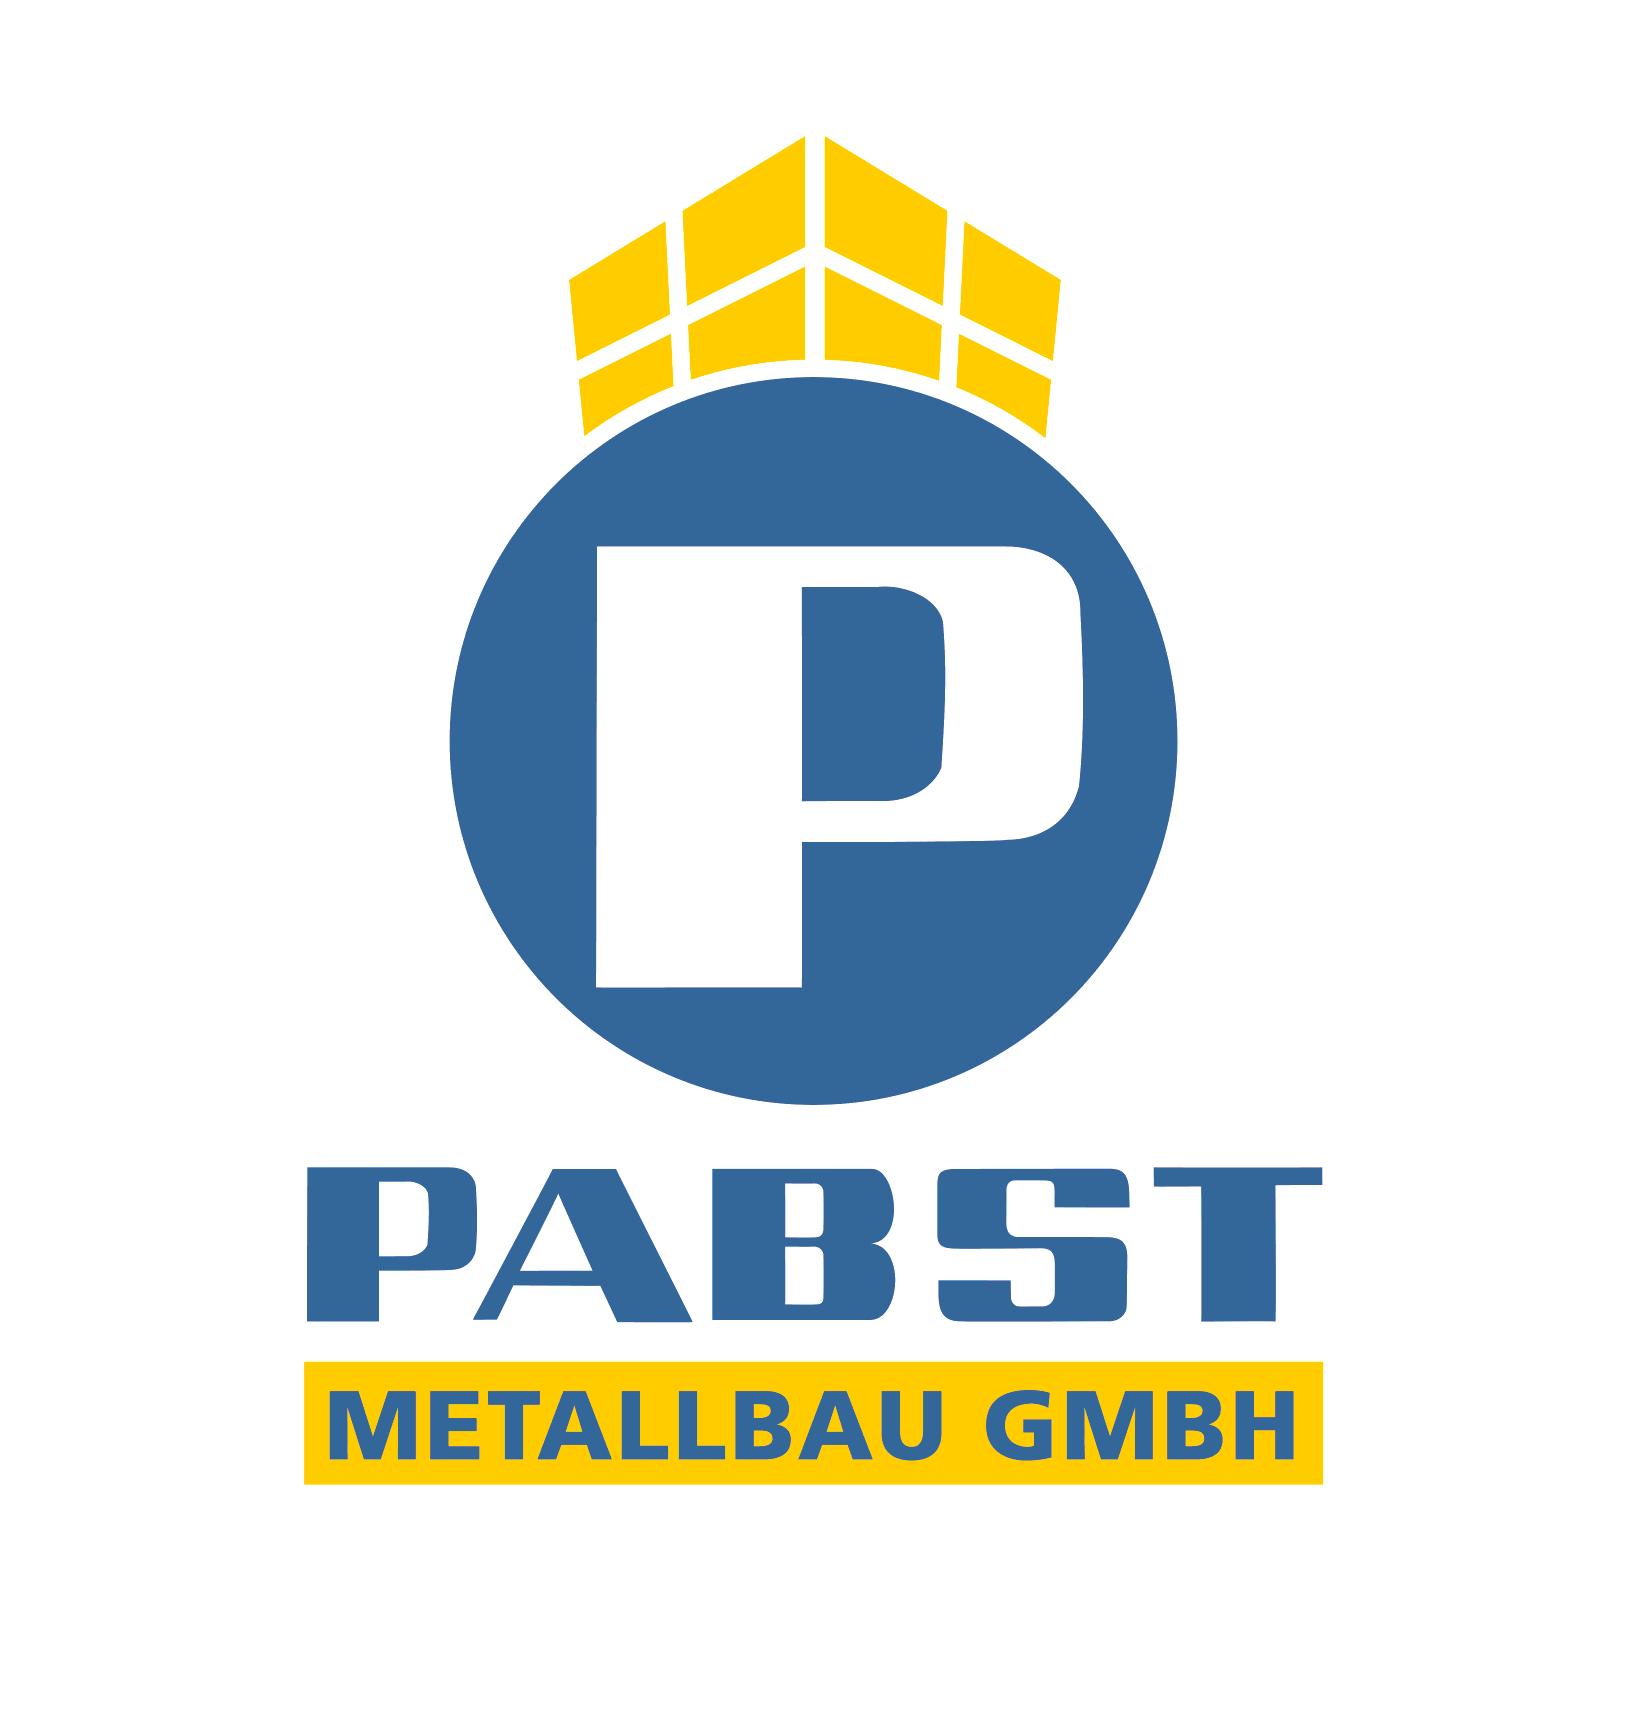 Logo Pabst Metallbau GmbH